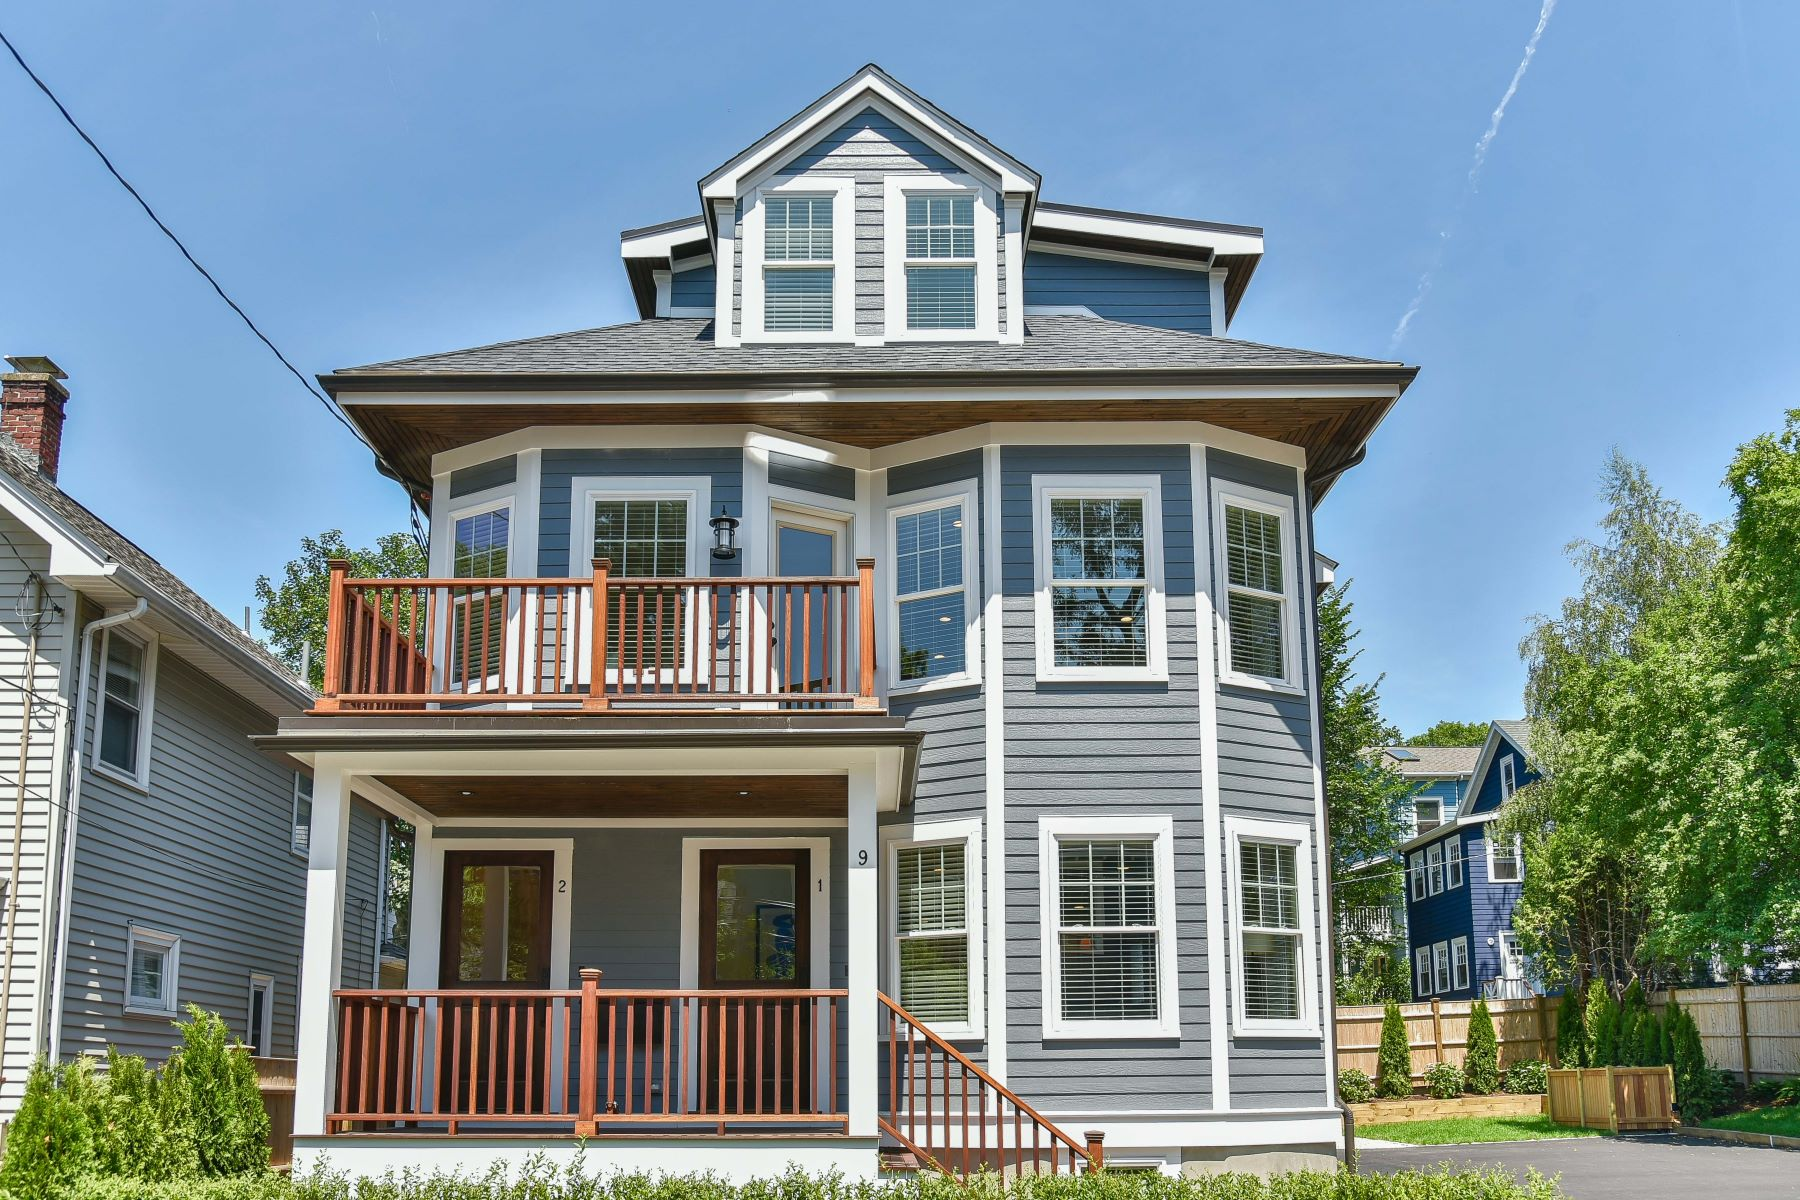 Кондоминиум для того Продажа на 9 Doran Rd 1, Brookline Brookline, Массачусетс, 02445 Соединенные Штаты